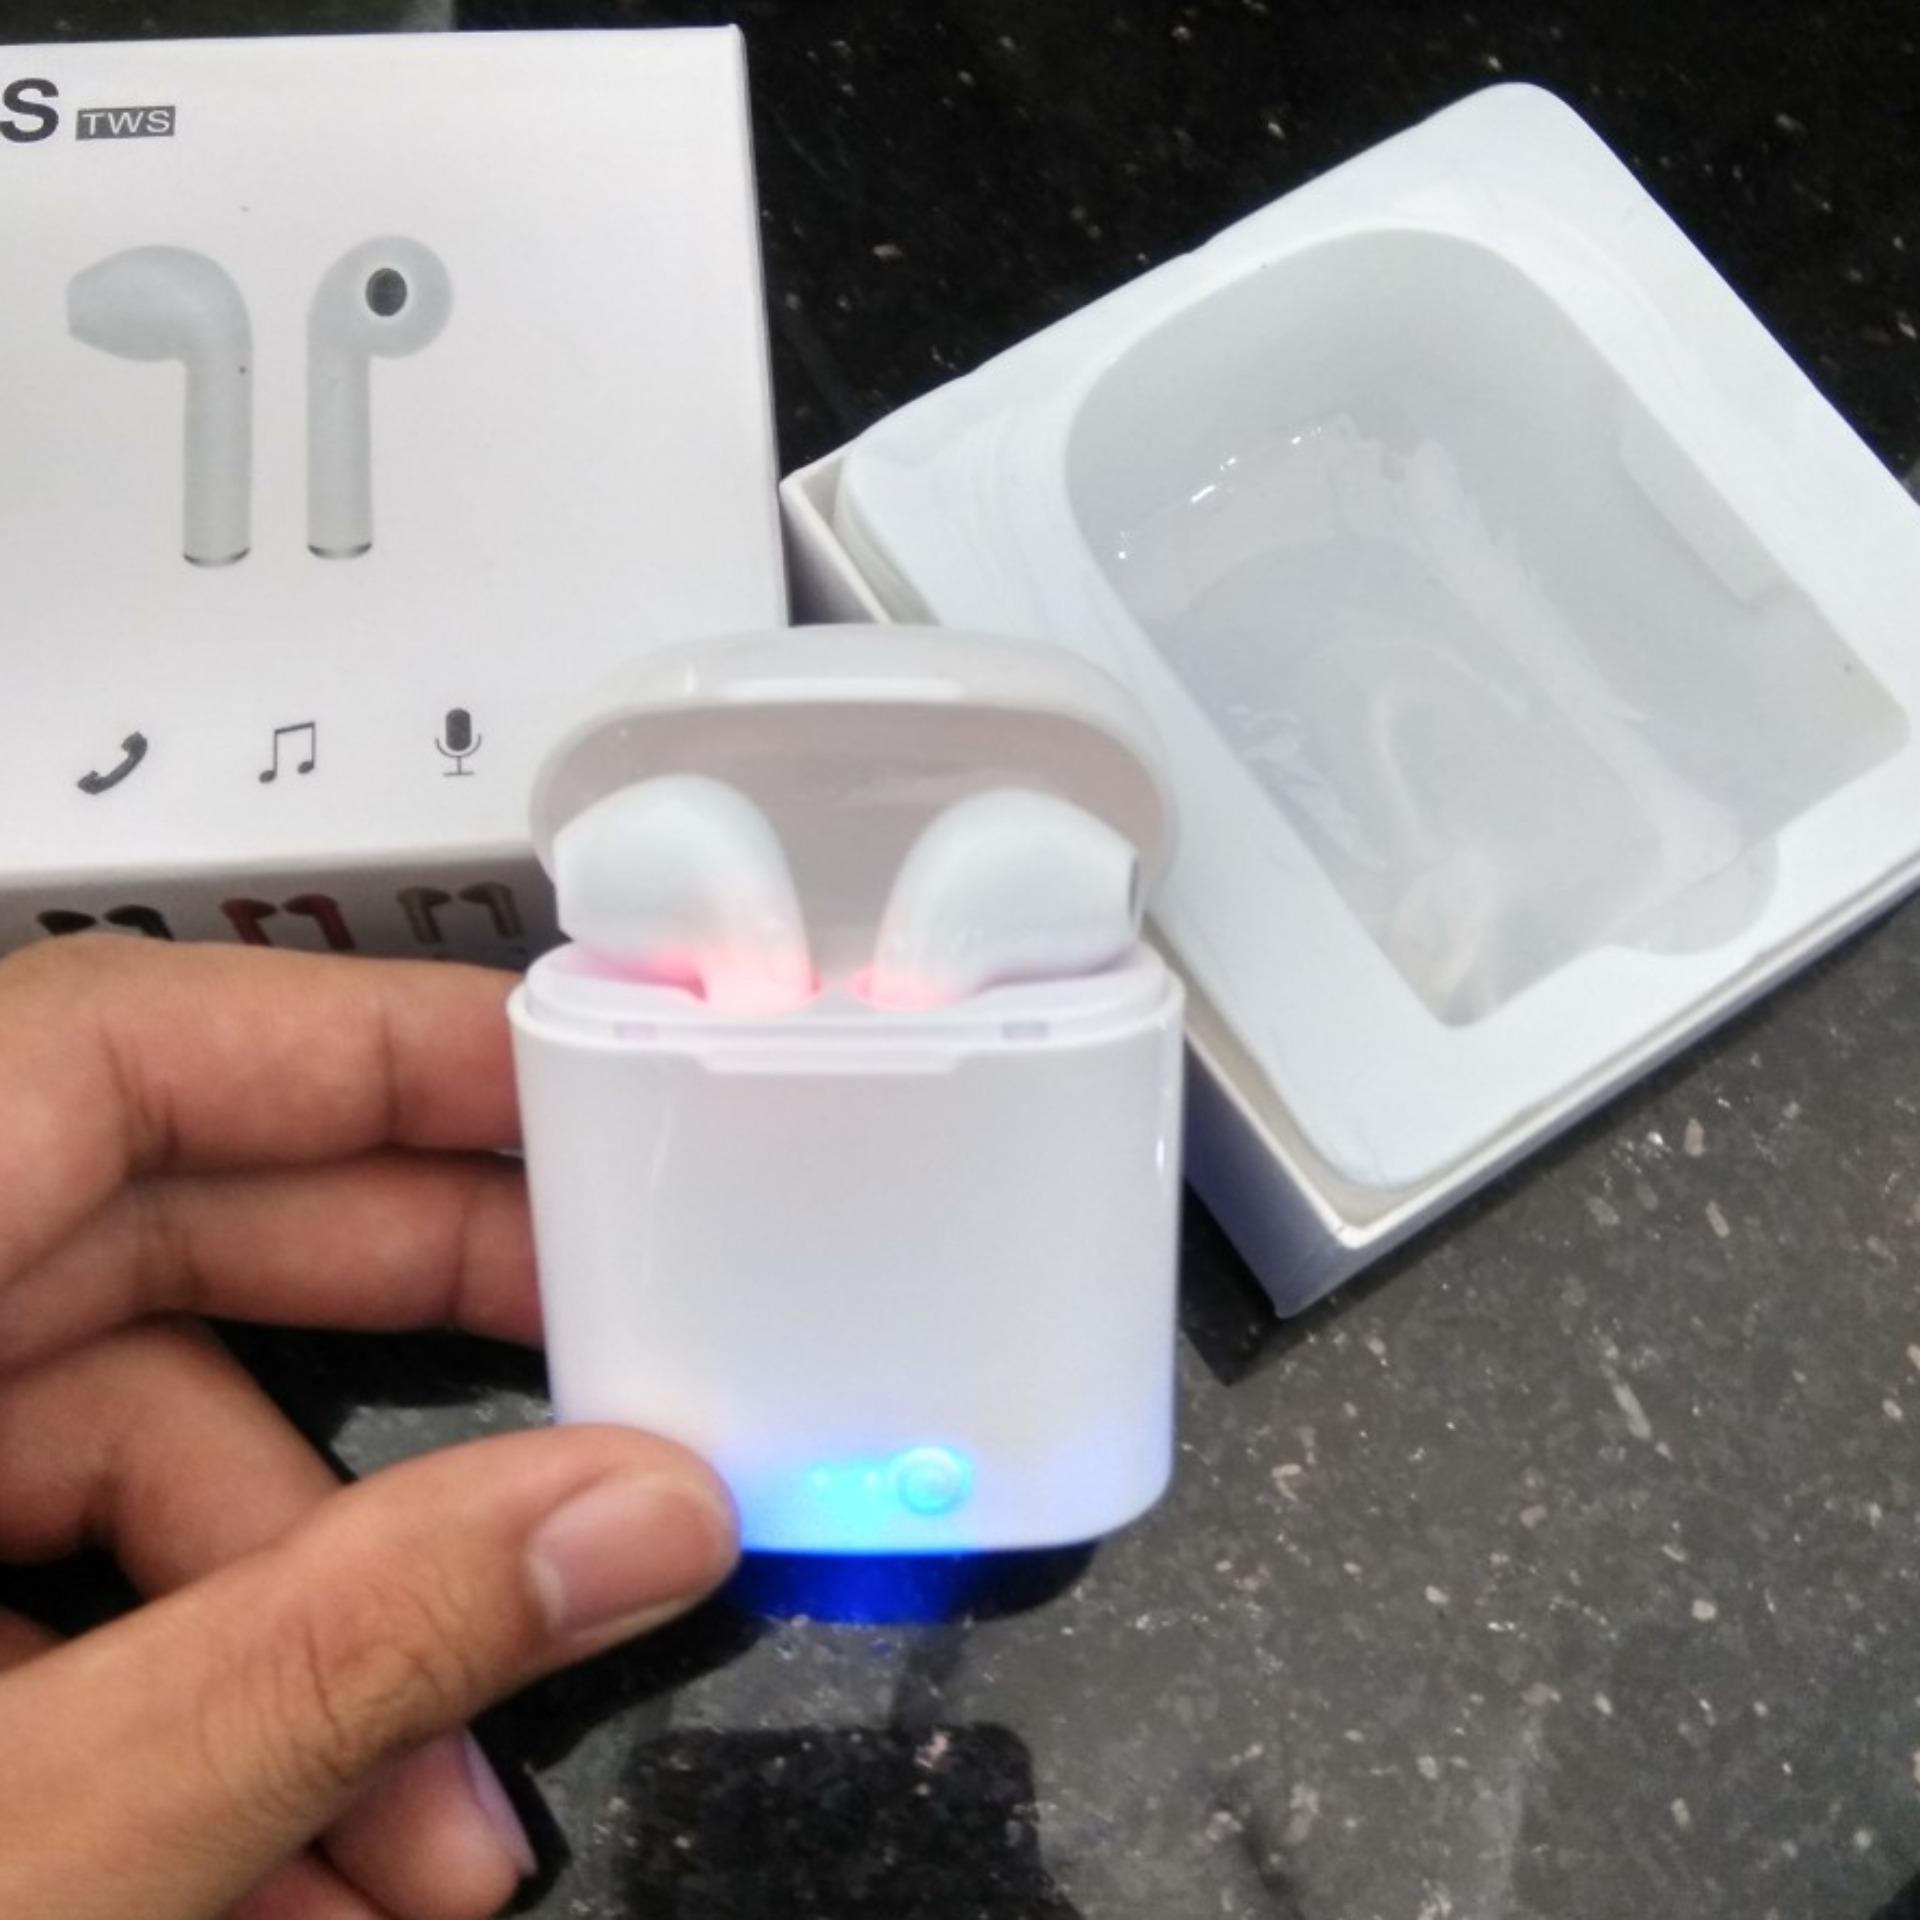 Tai Nghe I7S ( Hàng Loại Tốt) Ko Dây Kết Nối Bluetooth - Tai Nghe I7- Tai Nghe Không Dây Sử Dụng Mọi điện Thoại- Chức Năng Nghe Gọi Siêu Ưu Đãi tại Lazada